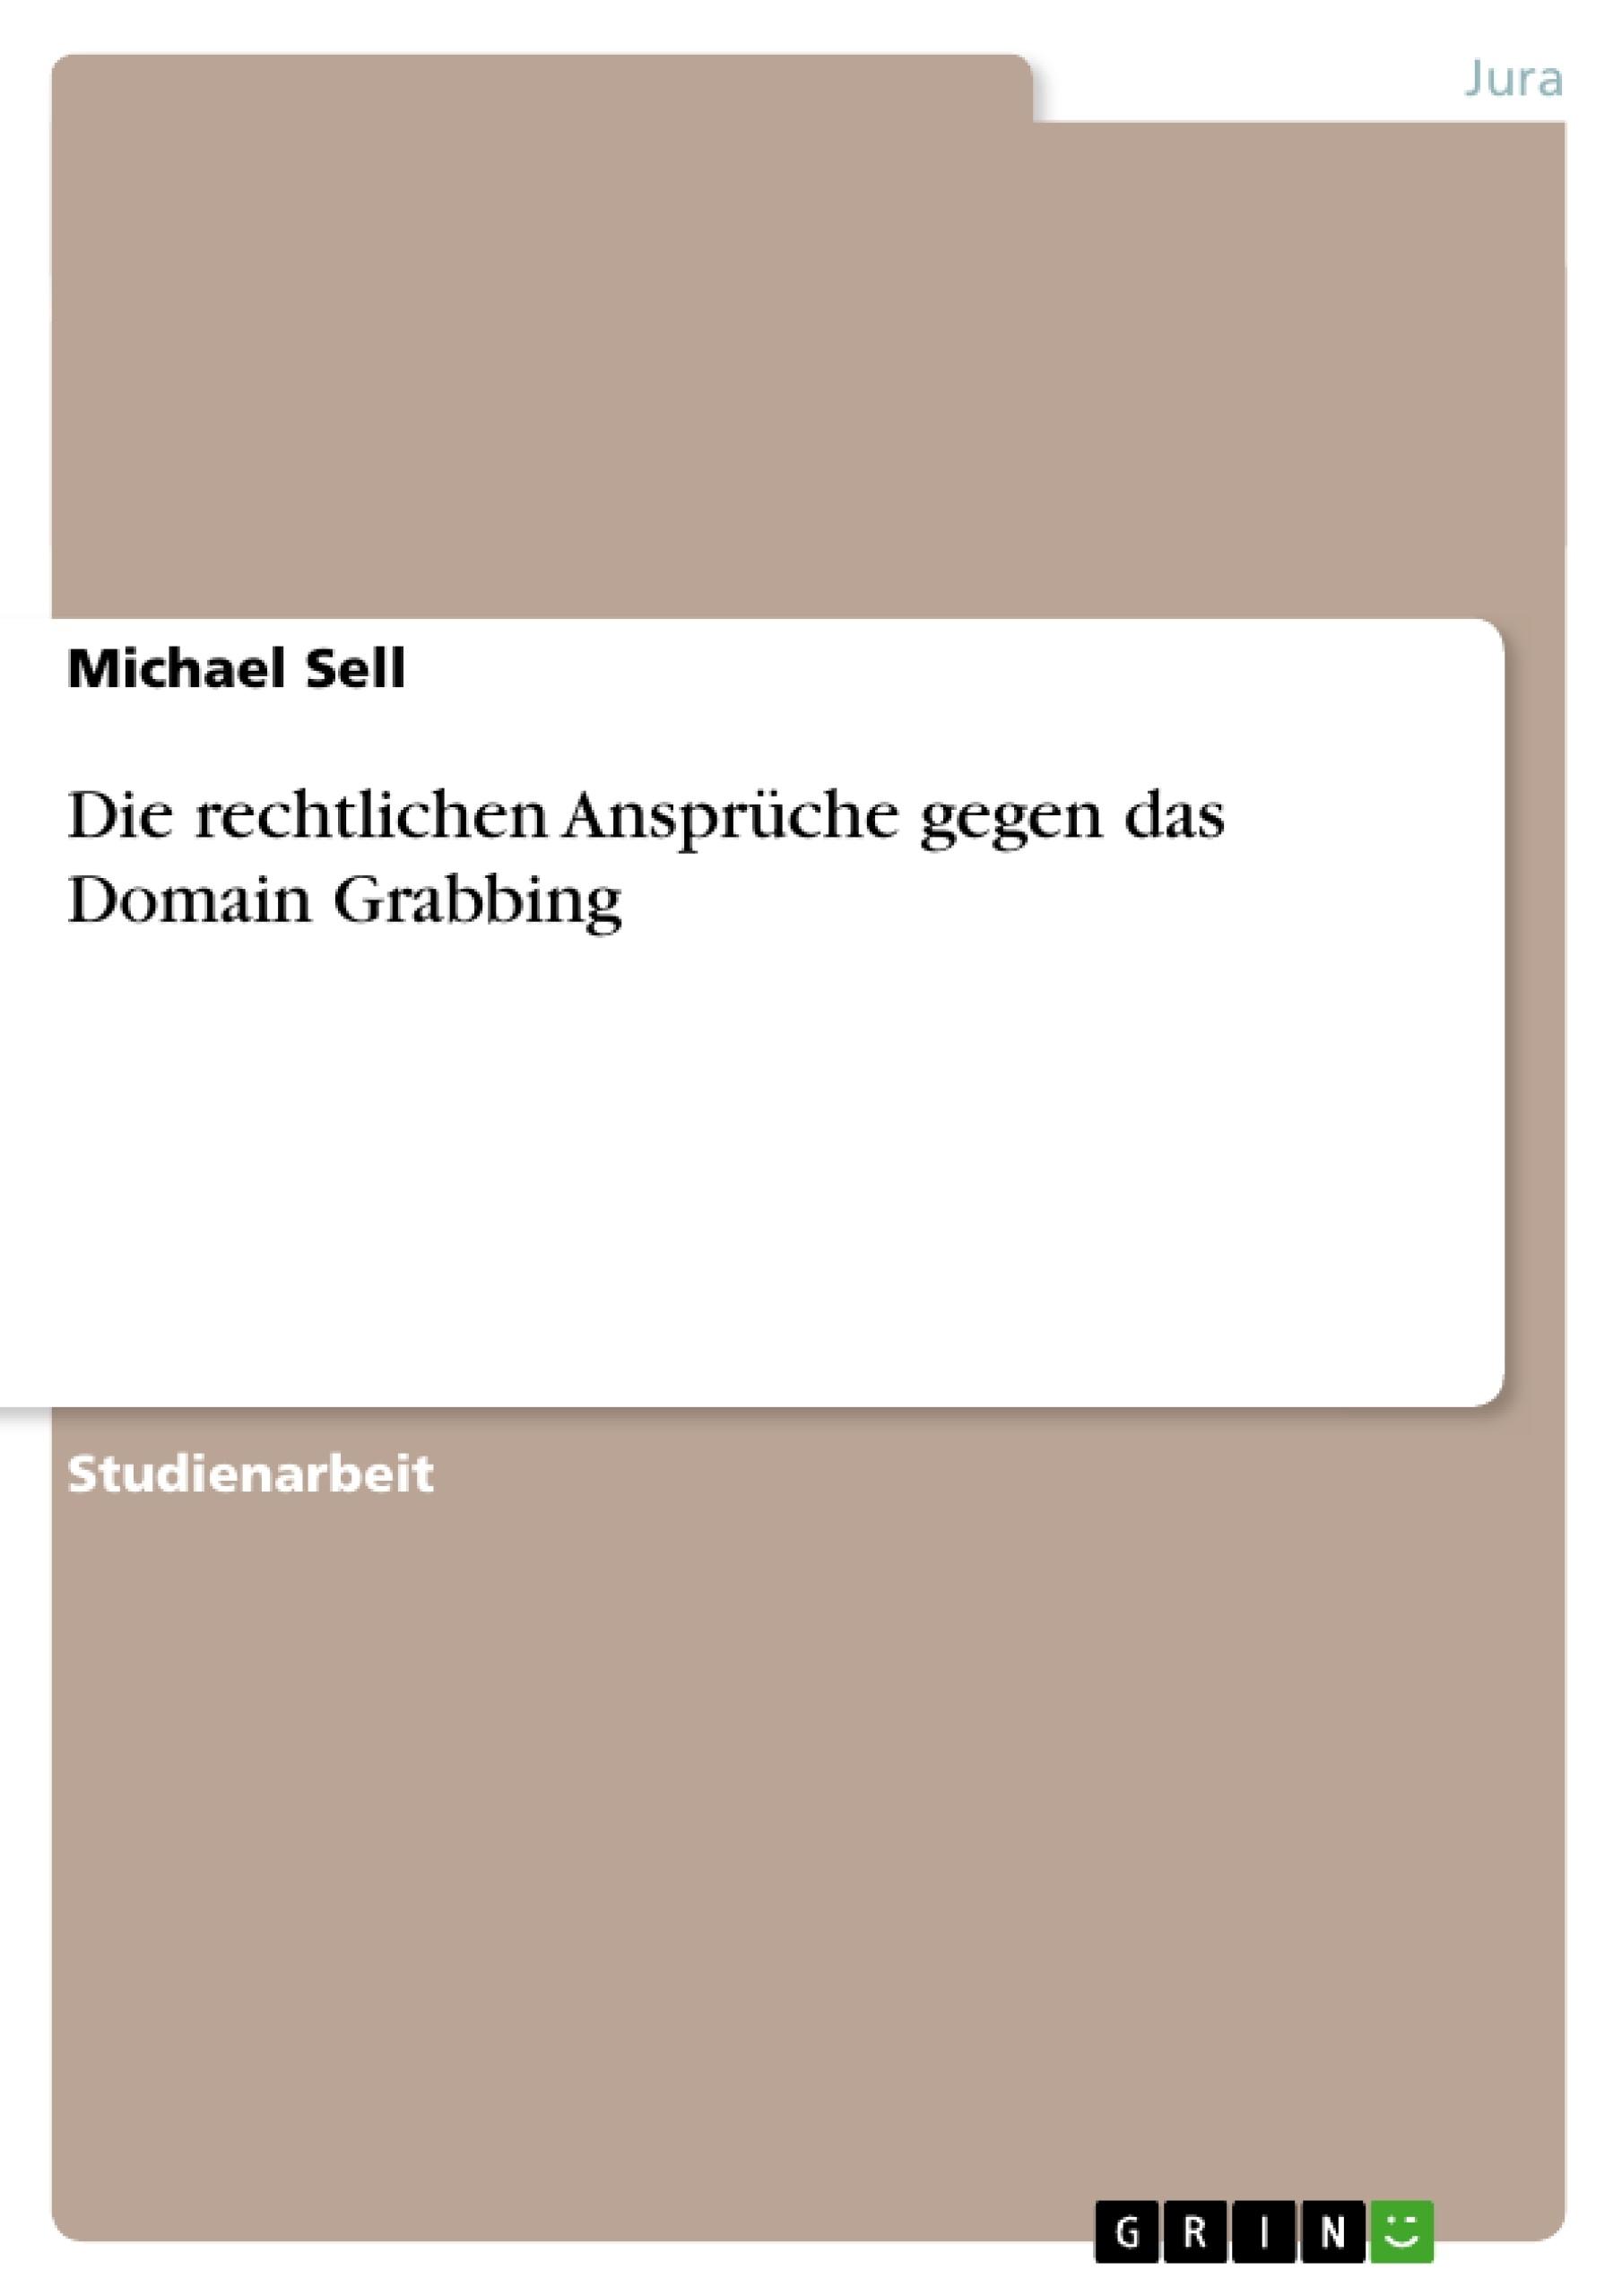 Titel: Die rechtlichen Ansprüche gegen das Domain Grabbing